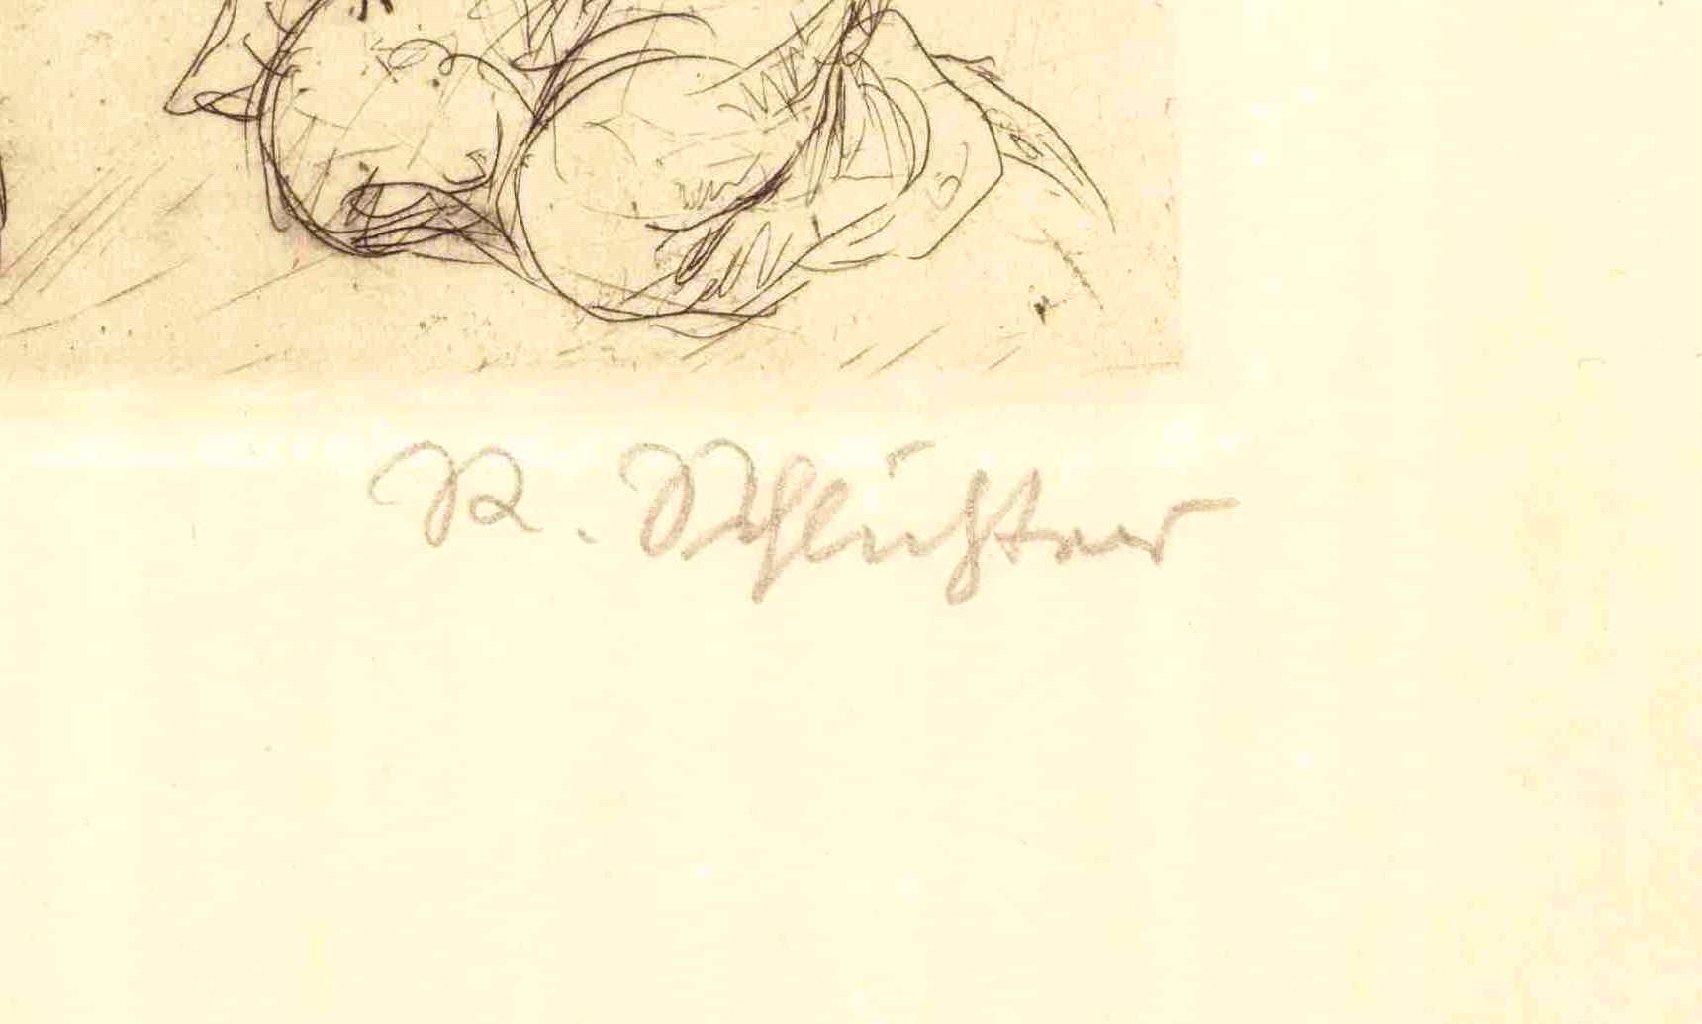 Rudolf Schlichter (1890-1955). Die Angebetete-3